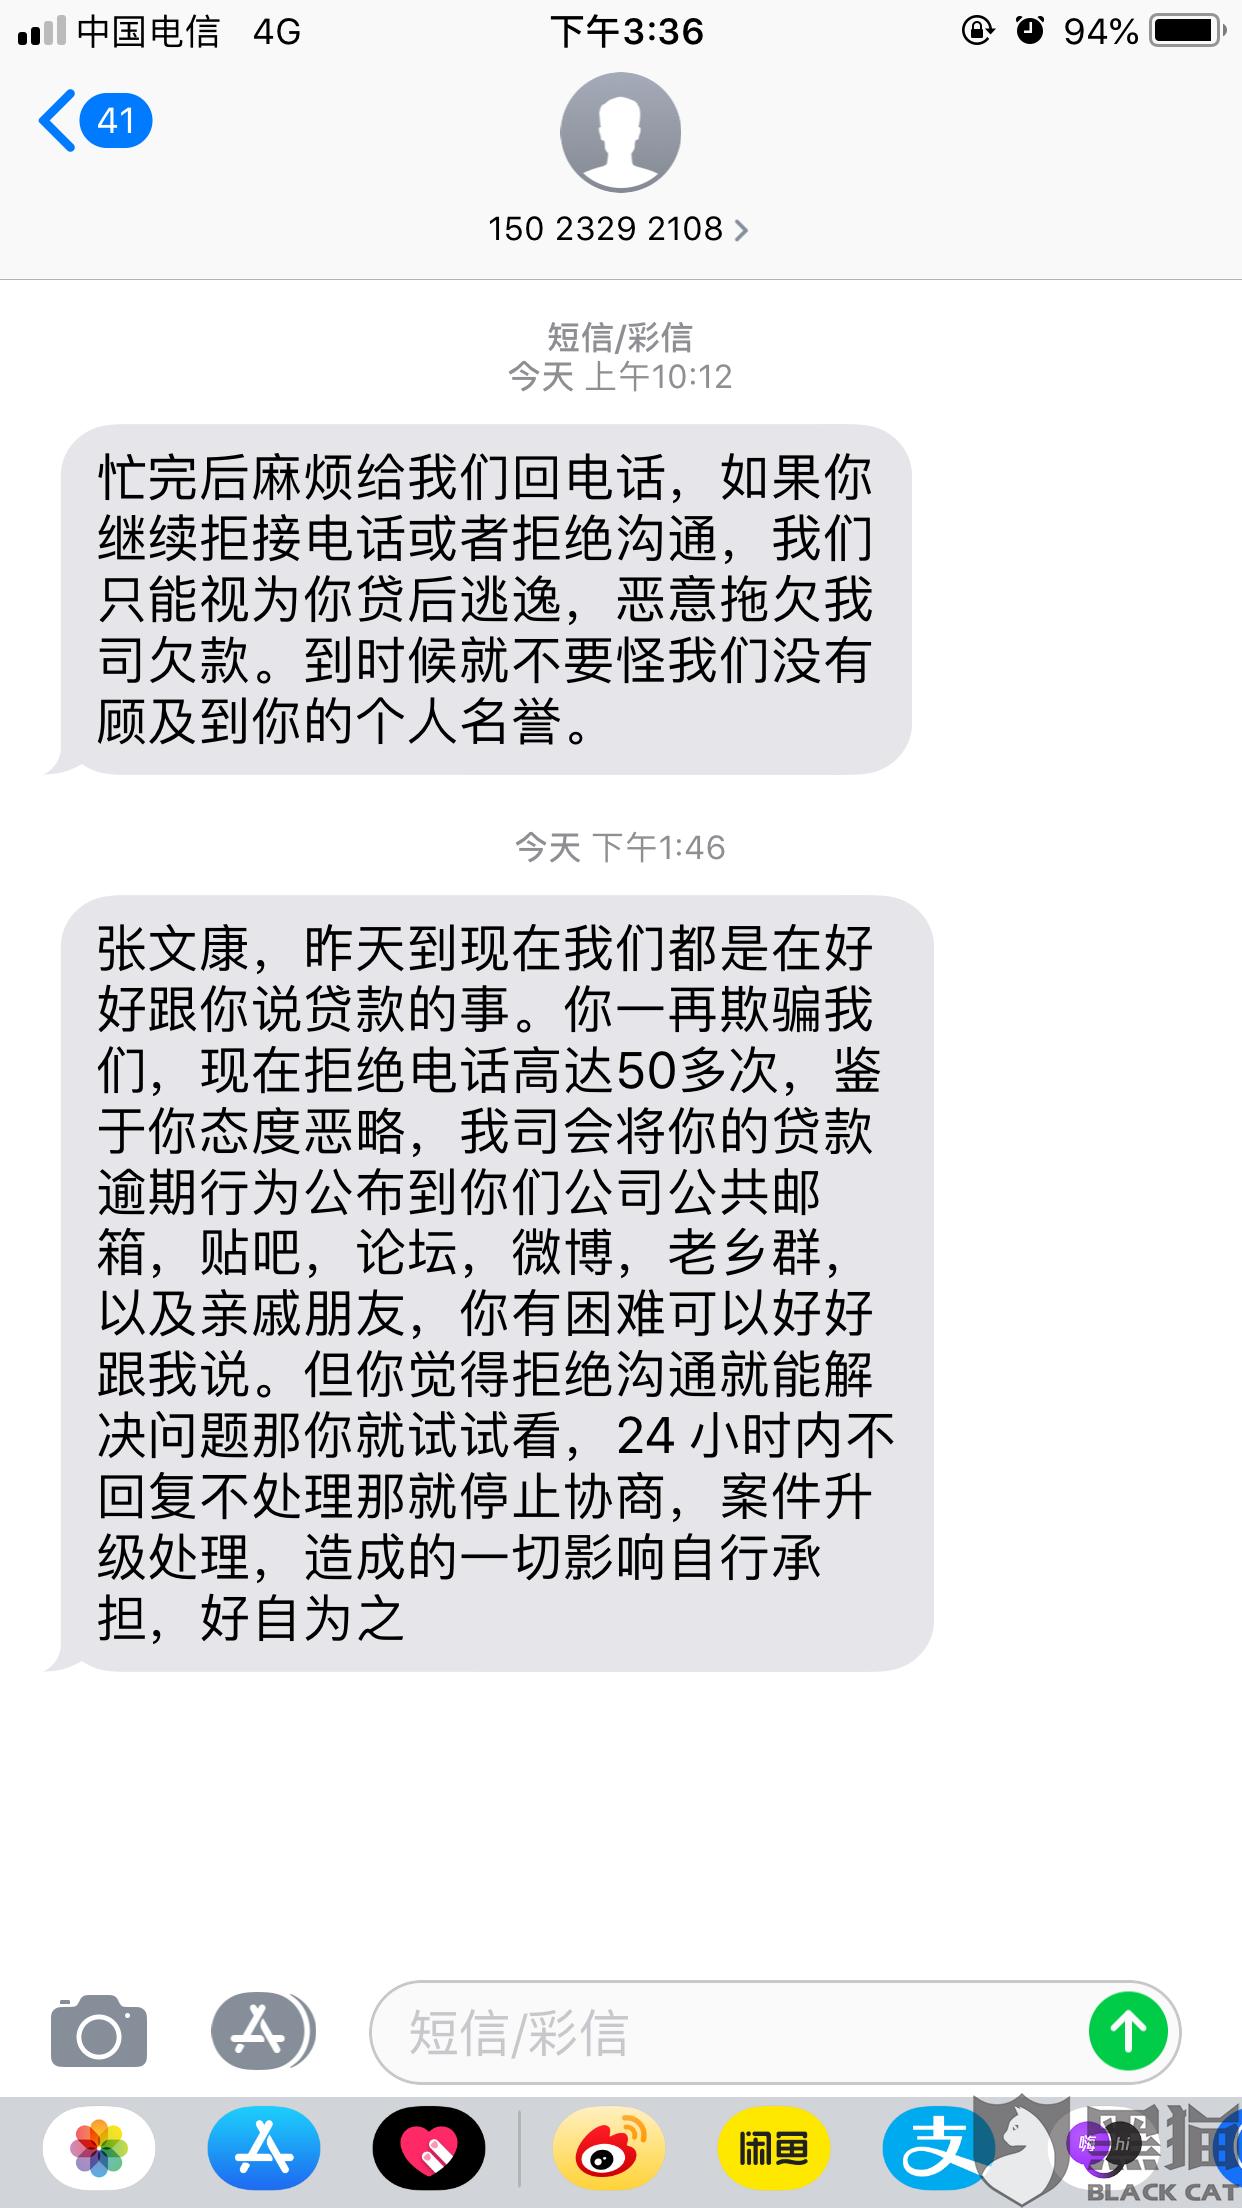 黑猫投诉:安逸花马上金融暴力催收 泄露侵犯个人隐私名誉 电话轰炸